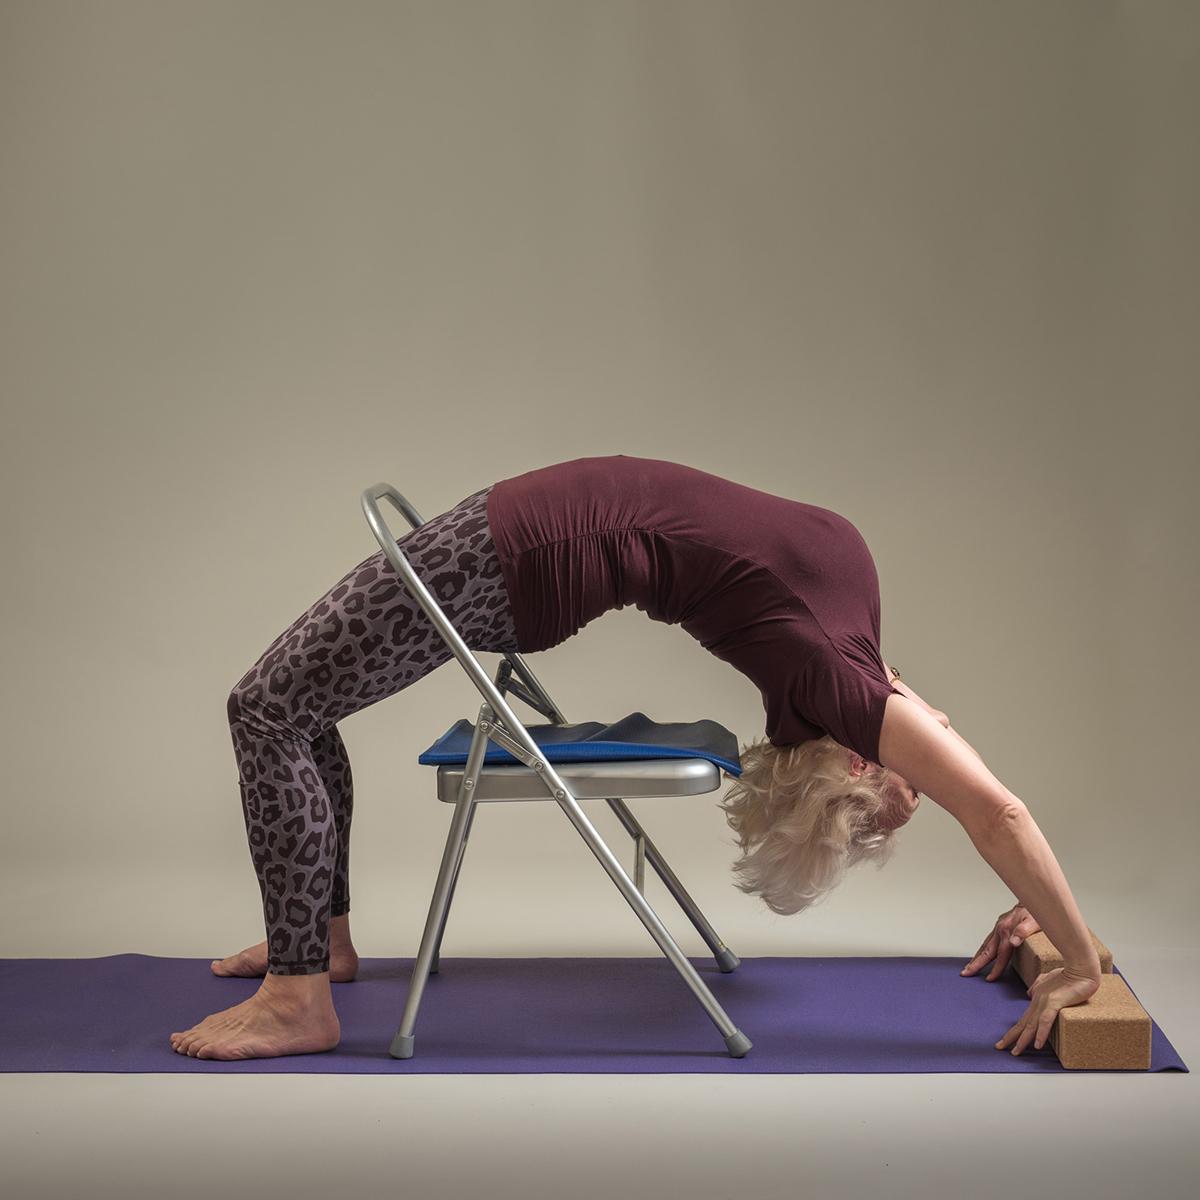 """chaise-roue-pose de yoga """"width ="""" 1200 """"height ="""" 1200 """"srcset ="""" https://www.yogamatters.com/blog/wp-content/uploads/2019/03/yoga-chair- wheel-pose.jpg 1200w, https://www.yogamatters.com/blog/wp-content/uploads/2019/03/yoga-chair-wheel-pose-300x300.jpg 300w, https: //www.yogamatters. com / blog / wp-content / uploads / 2019/03 / yoga-chair-wheel-pose-1024x1024.jpg 1024w, https://www.yogamatters.com/blog/wp-content/uploads/2019/03/yoga -chair-wheel-pose-60x60.jpg 60w, https://www.yogamatters.com/blog/wp-content/uploads/2019/03/yoga-chair-wheel-pose-32x32.jpg 32w, https: / /www.yogamatters.com/blog/wp-content/uploads/2019/03/yoga-chair-wheel-pose-50x50.jpg 50w, https://www.yogamatters.com/blog/wp-content/uploads/ 2019/03 / yoga-chair-wheel-pose-64x64.jpg 64w, https://www.yogamatters.com/blog/wp-content/uploads/2019/03/yoga-chair-wheel-pose-96x96.jpg 96w, https://www.yogamatters.com/blog/wp-content/uploads/2019/03/yoga-chair-wheel-pose-128x128.jpg 128w """"tailles ="""" (largeur maximale: 1200px) 100vw, 1200px """"/> [19659072] Fait amusant: </span></noscript></b><span data-ccp-props="""